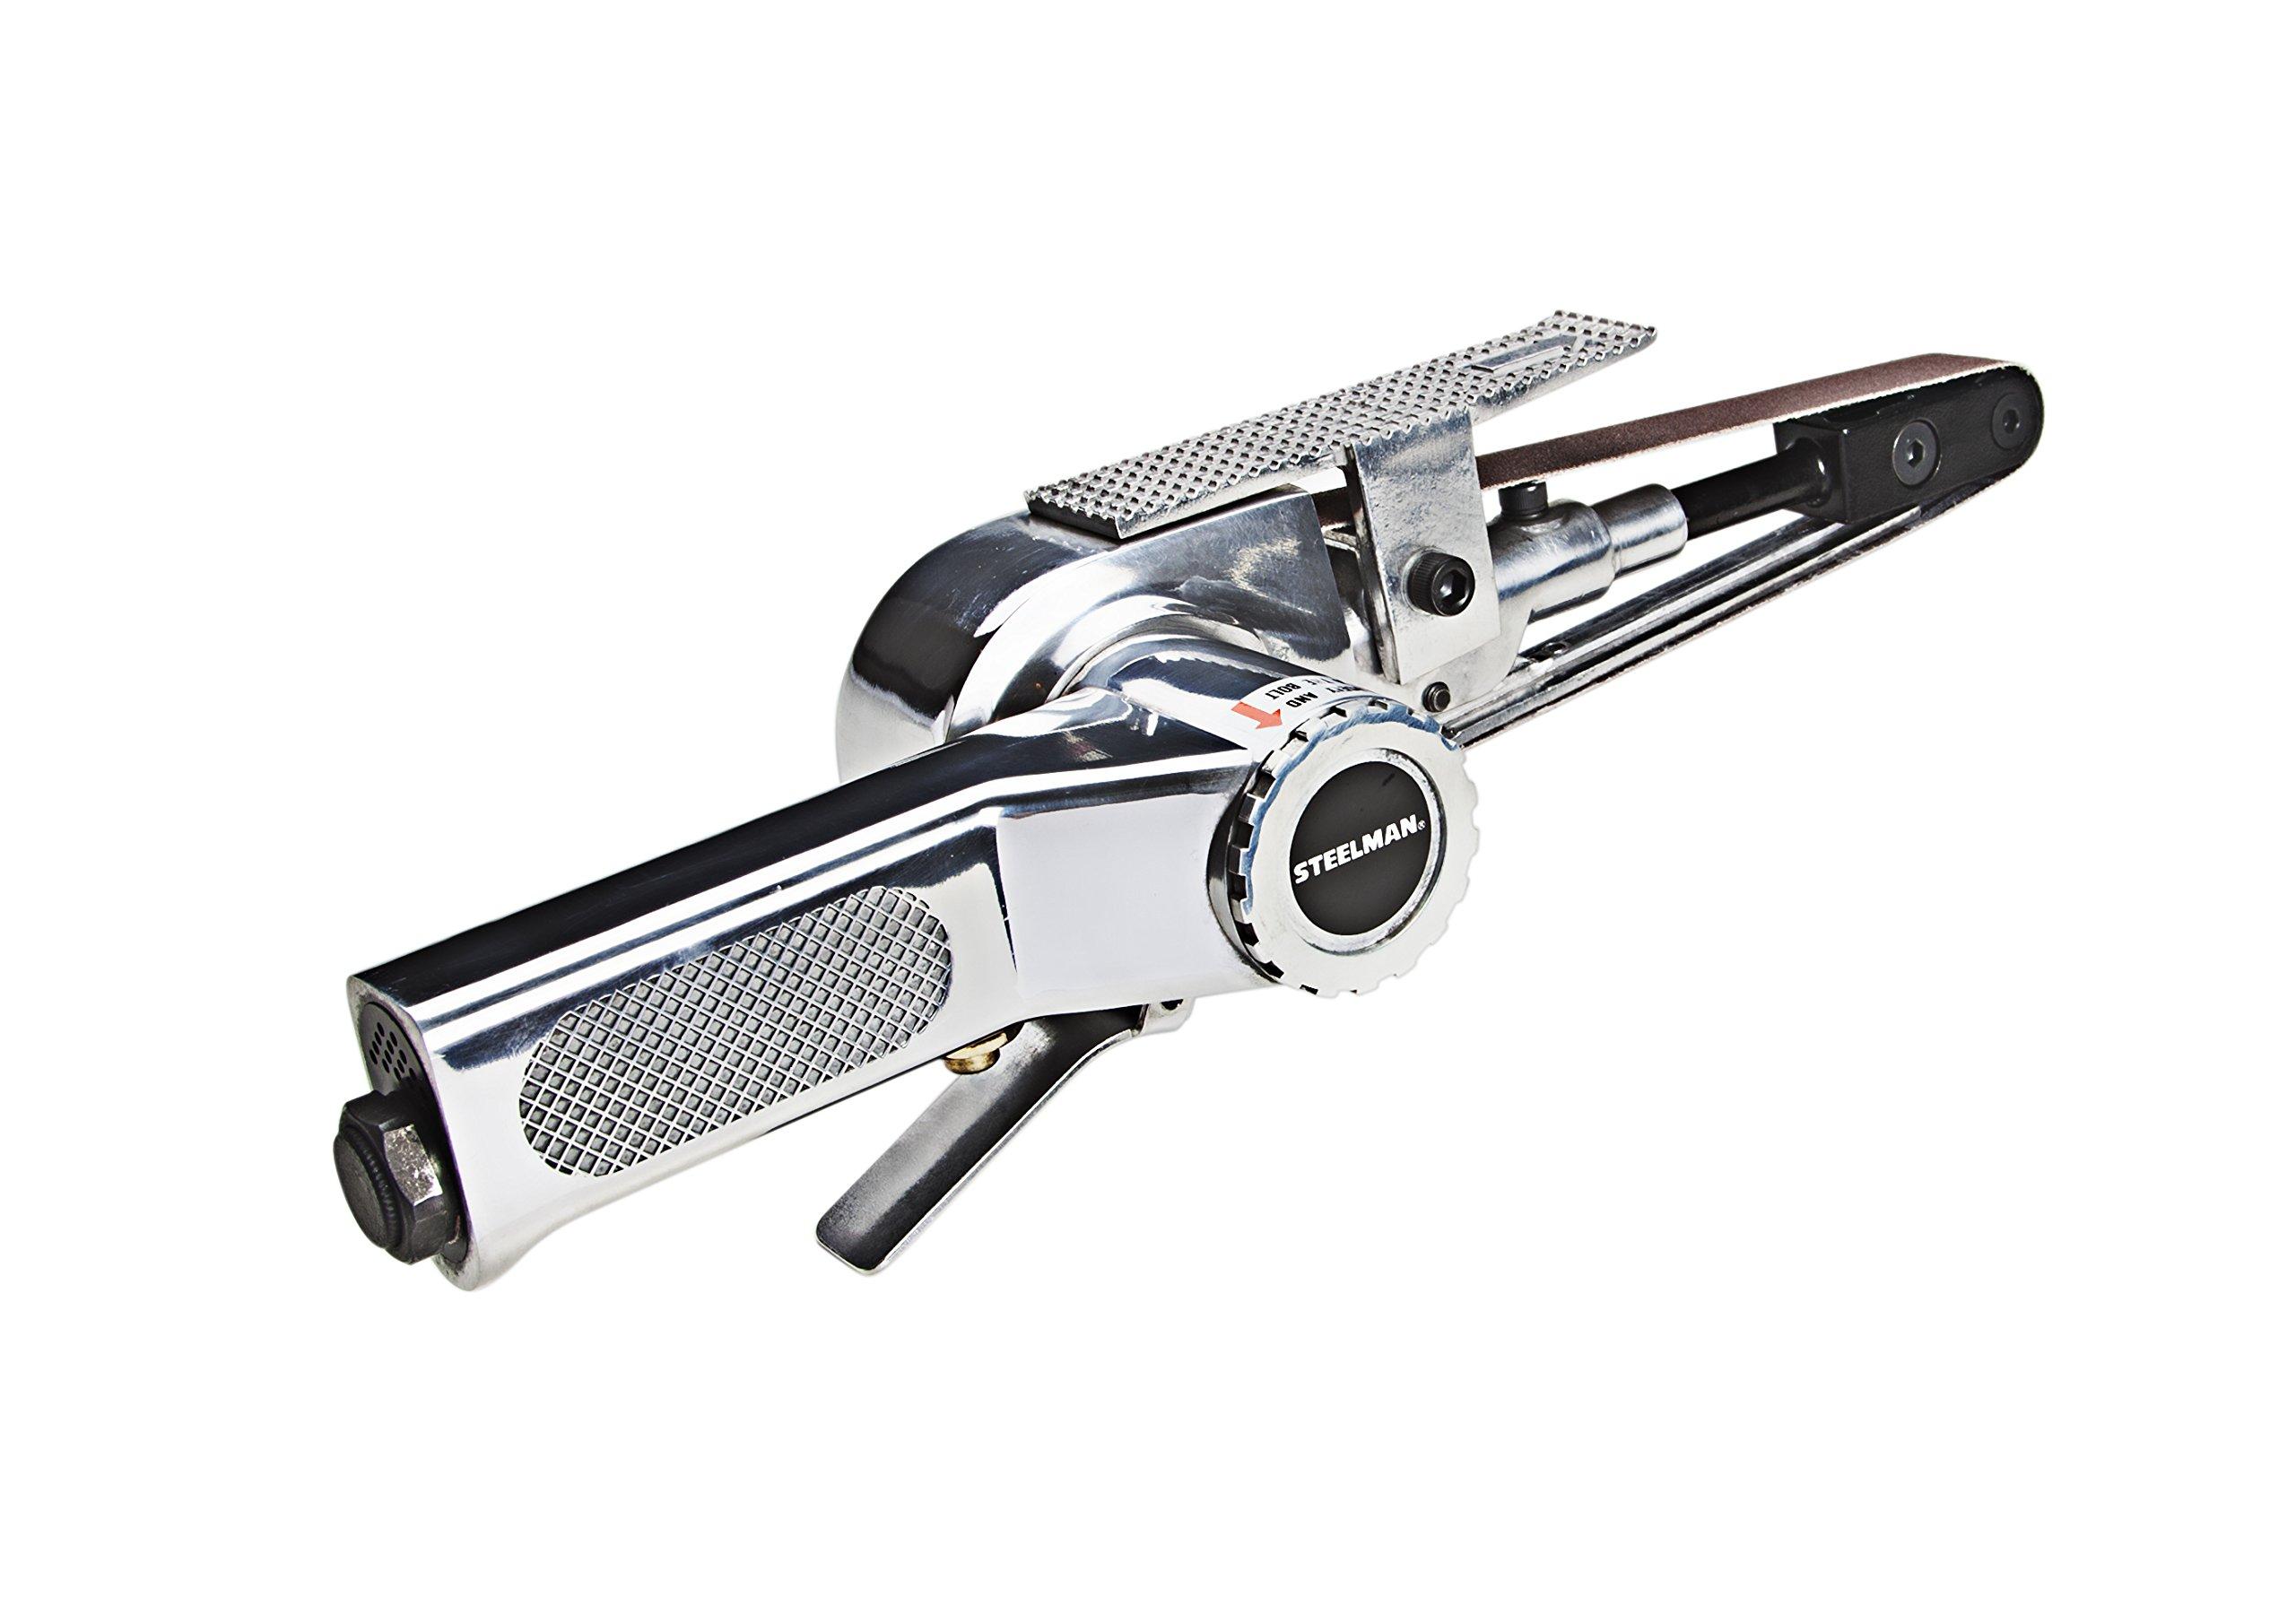 Steelman 1620 3/4-inch (20mm) Belt Sander by Steelman (Image #1)